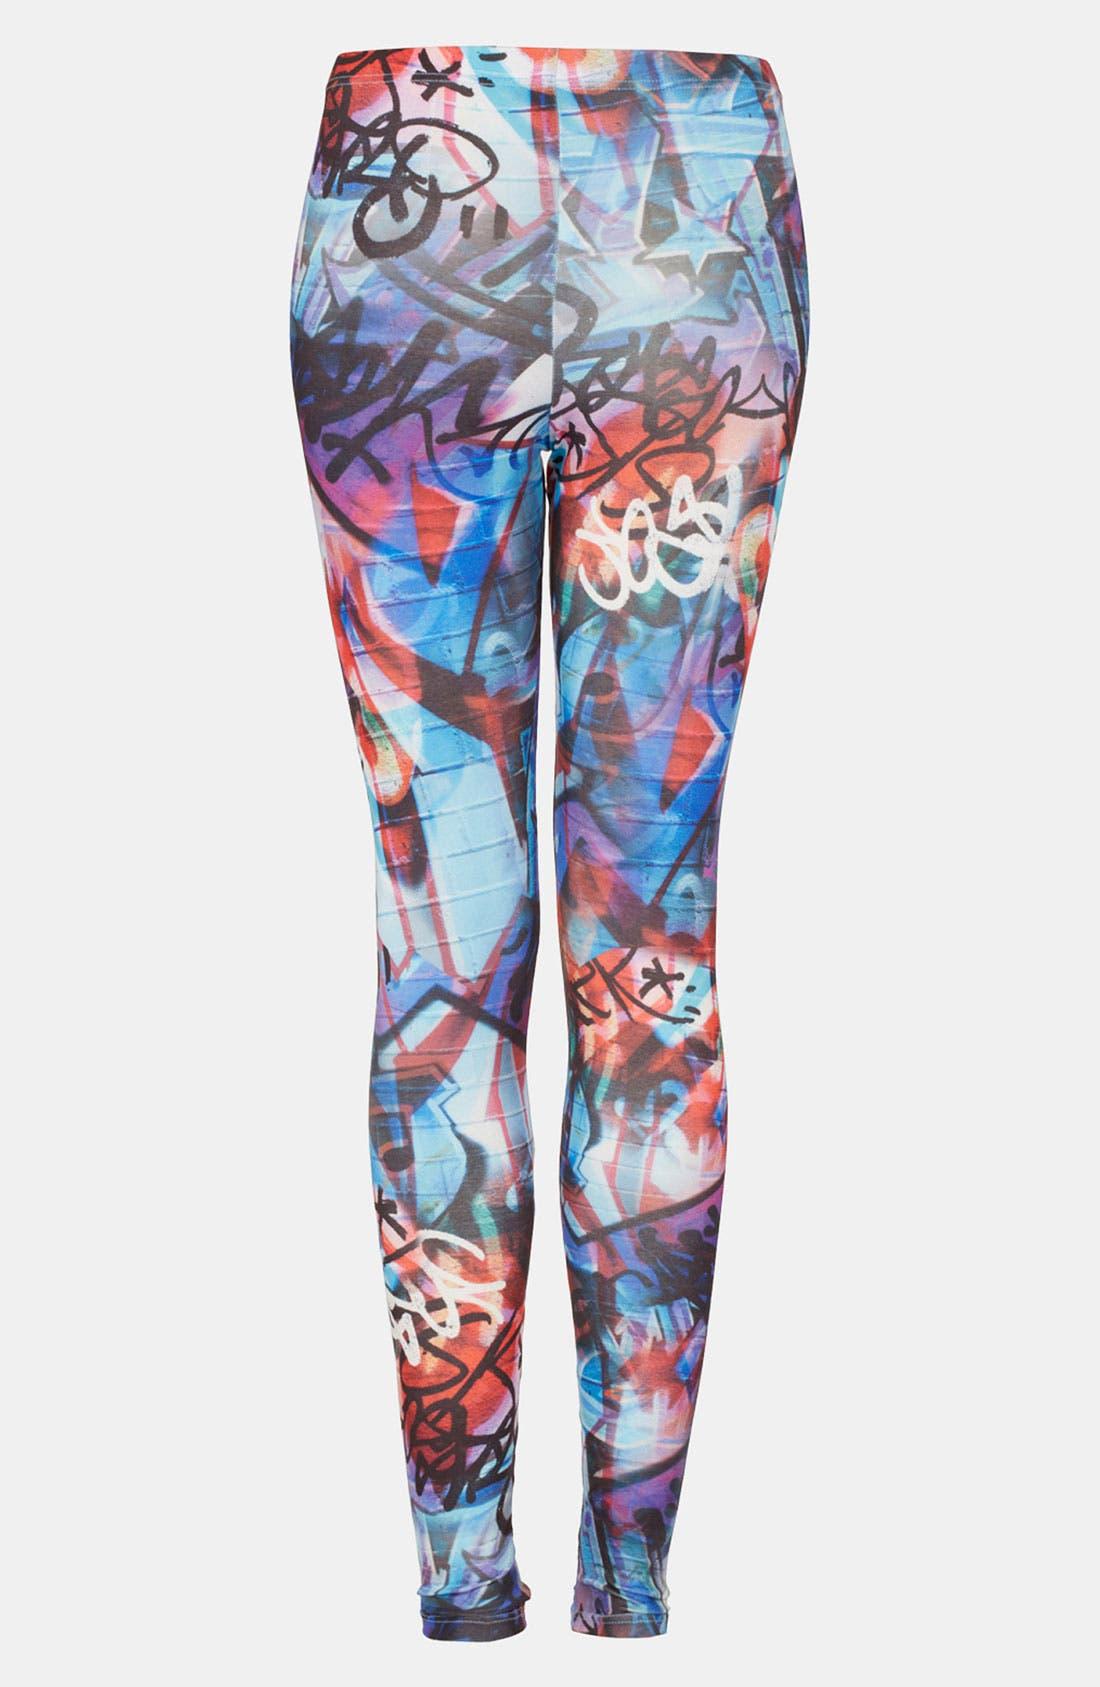 Alternate Image 1 Selected - Topshop 'Graphic Graffiti' Print Leggings